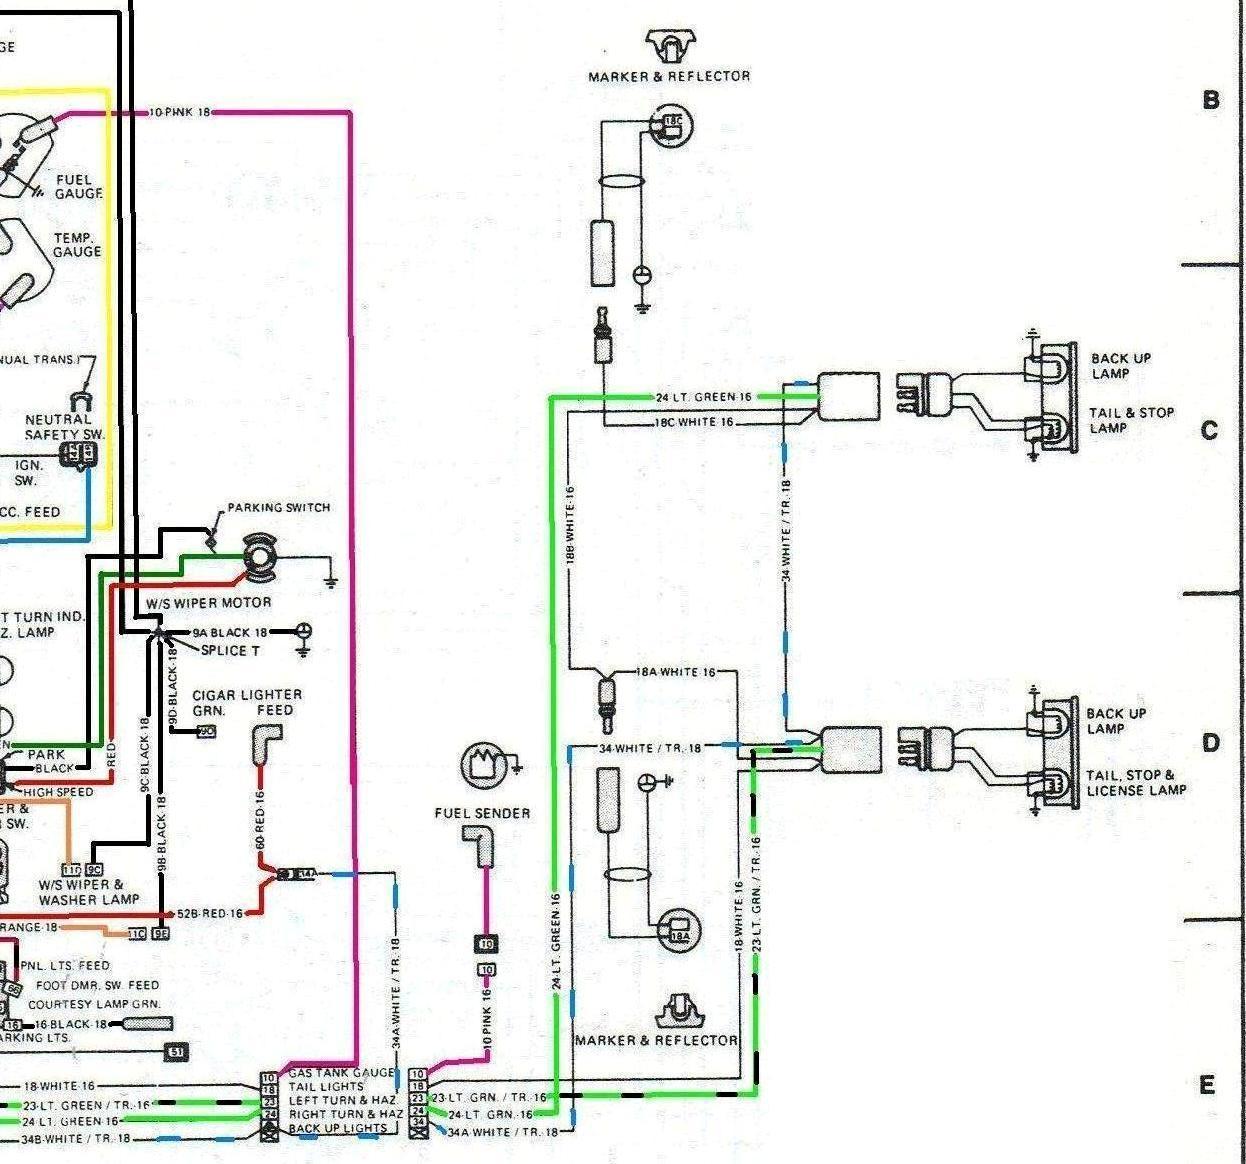 1985 Jeep Cj Wiring Diagram | Wiring Diagram  Jeep Cj Engine Wiring Diagram on 700r4 wiring diagram, 82 cj horn wiring diagram, light switch wiring diagram, 85 cj7 charging diagram, 85 cj7 fuel tank, 94 grand am wiring diagram, 85 cj7 exhaust system,